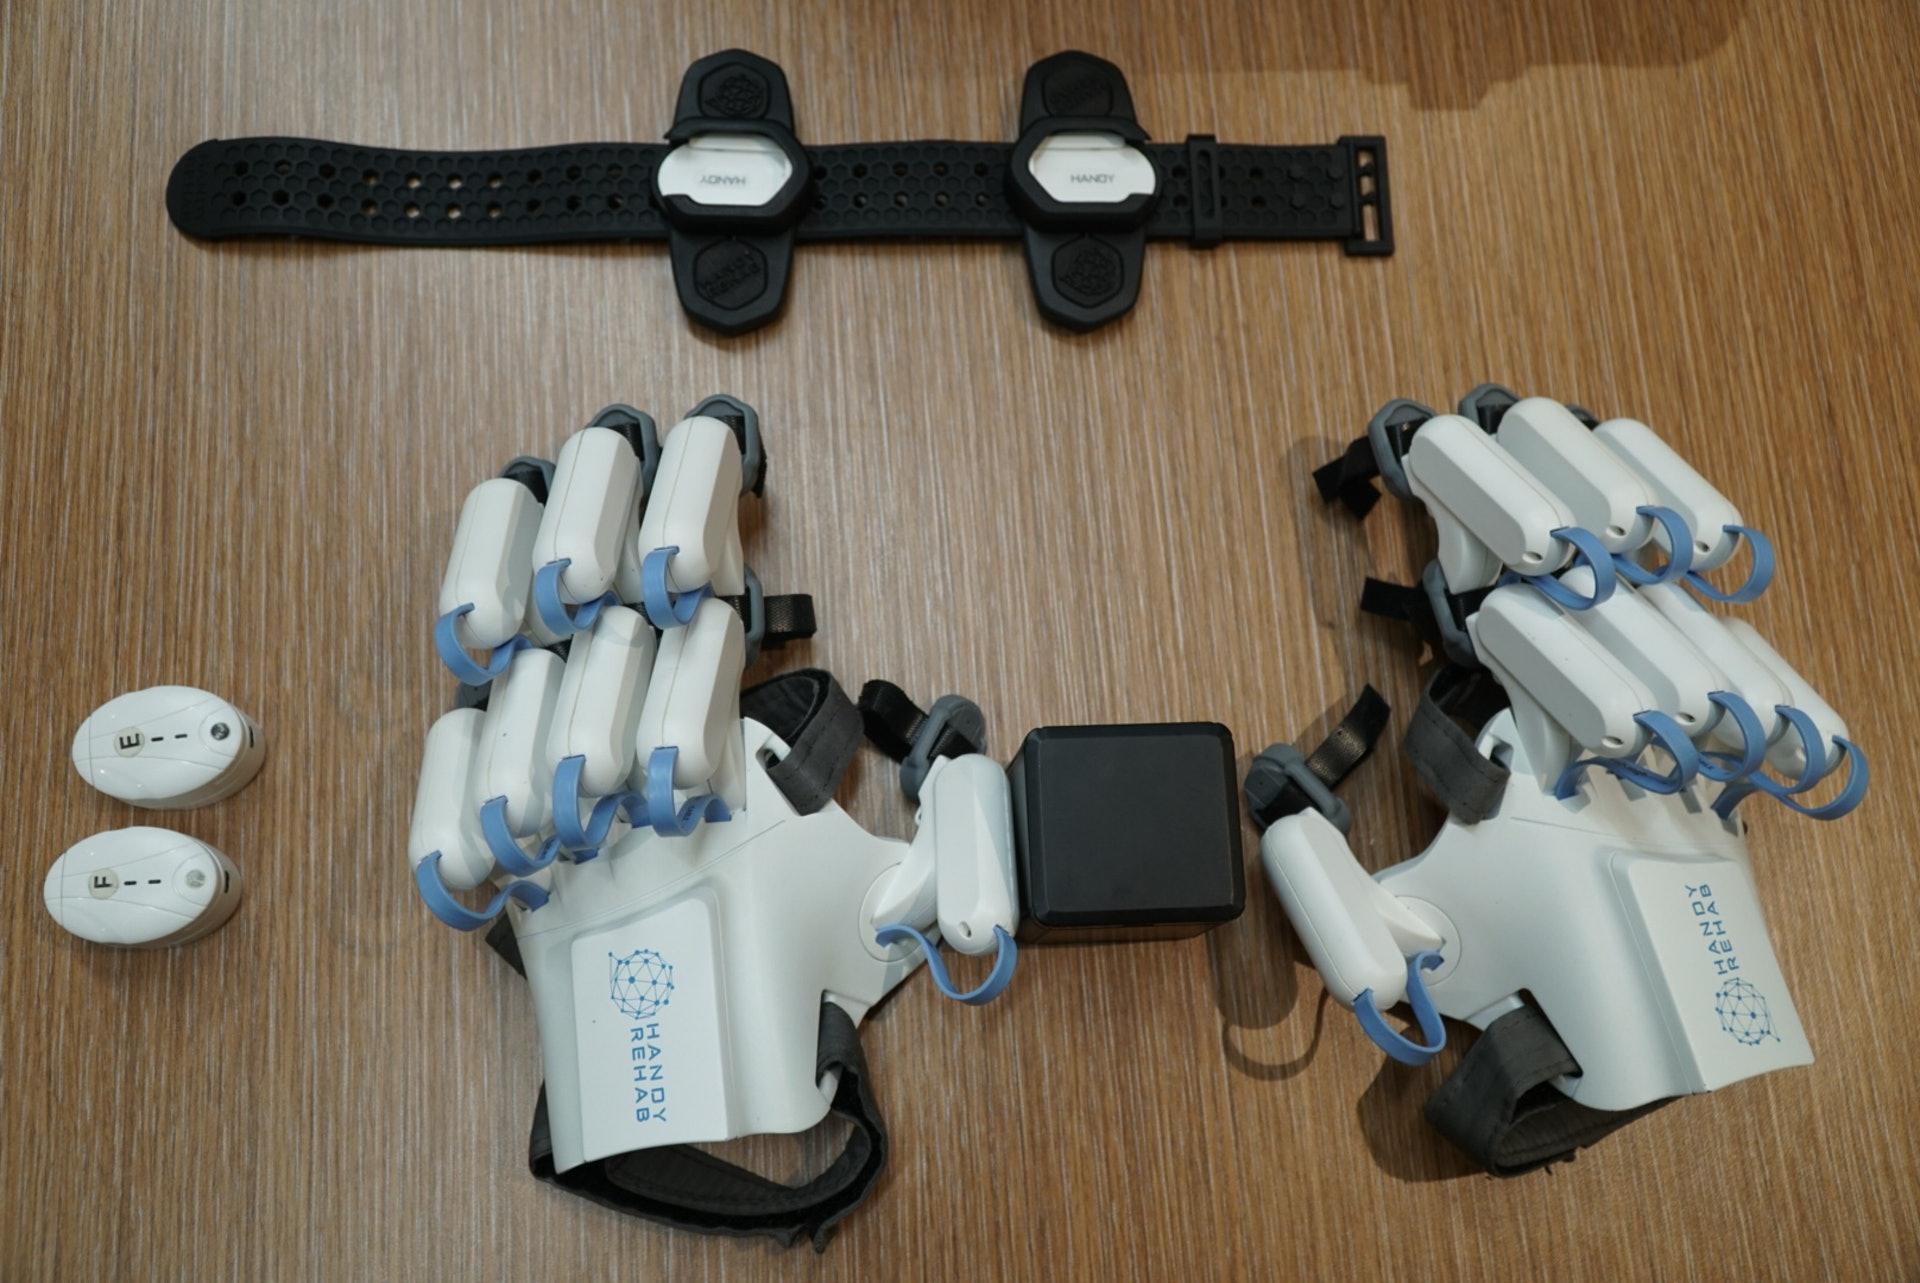 家用版復康機械手的原型是自家機構的醫療用版復康機械手。由於醫療用版較為複雜,零件亦較多,需要在復康員或物理治療師的專業人士輔助下才能使用。(曾鳳婷攝)